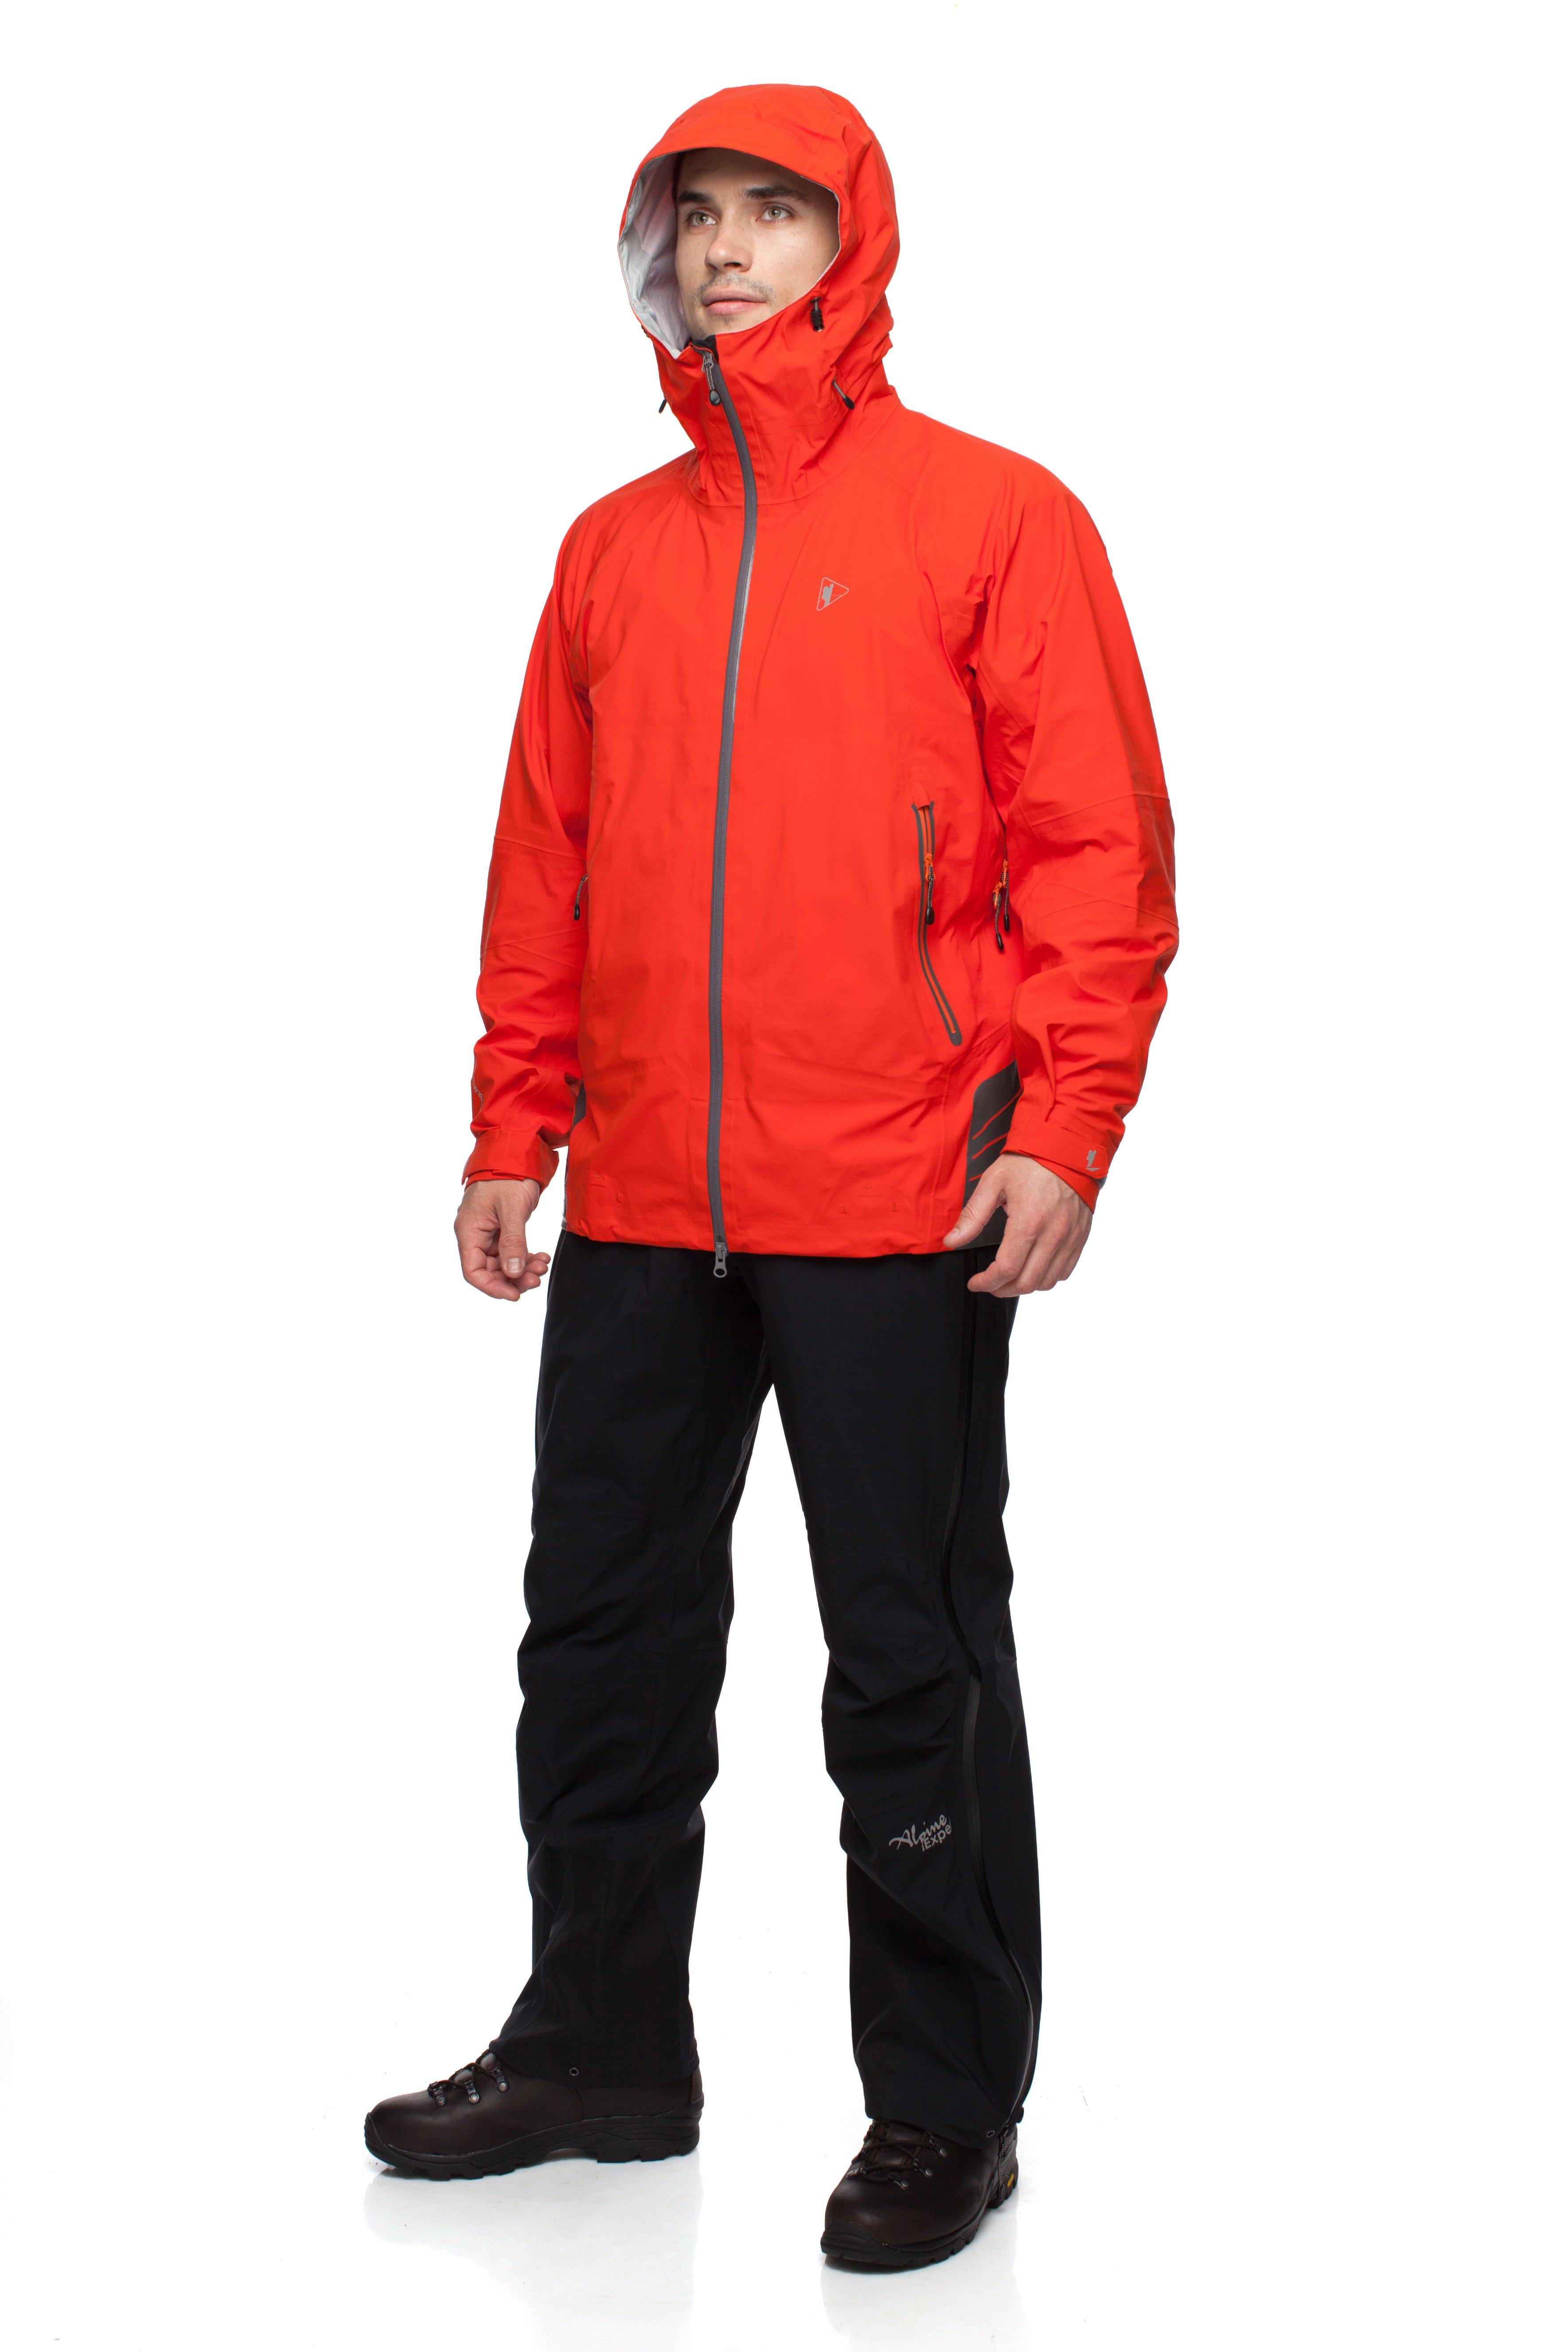 Штормовая куртка BASK GRAPHITE NEOSHELL EXTREME 3534A, GRAPHITE NEOSHELL EXTREME